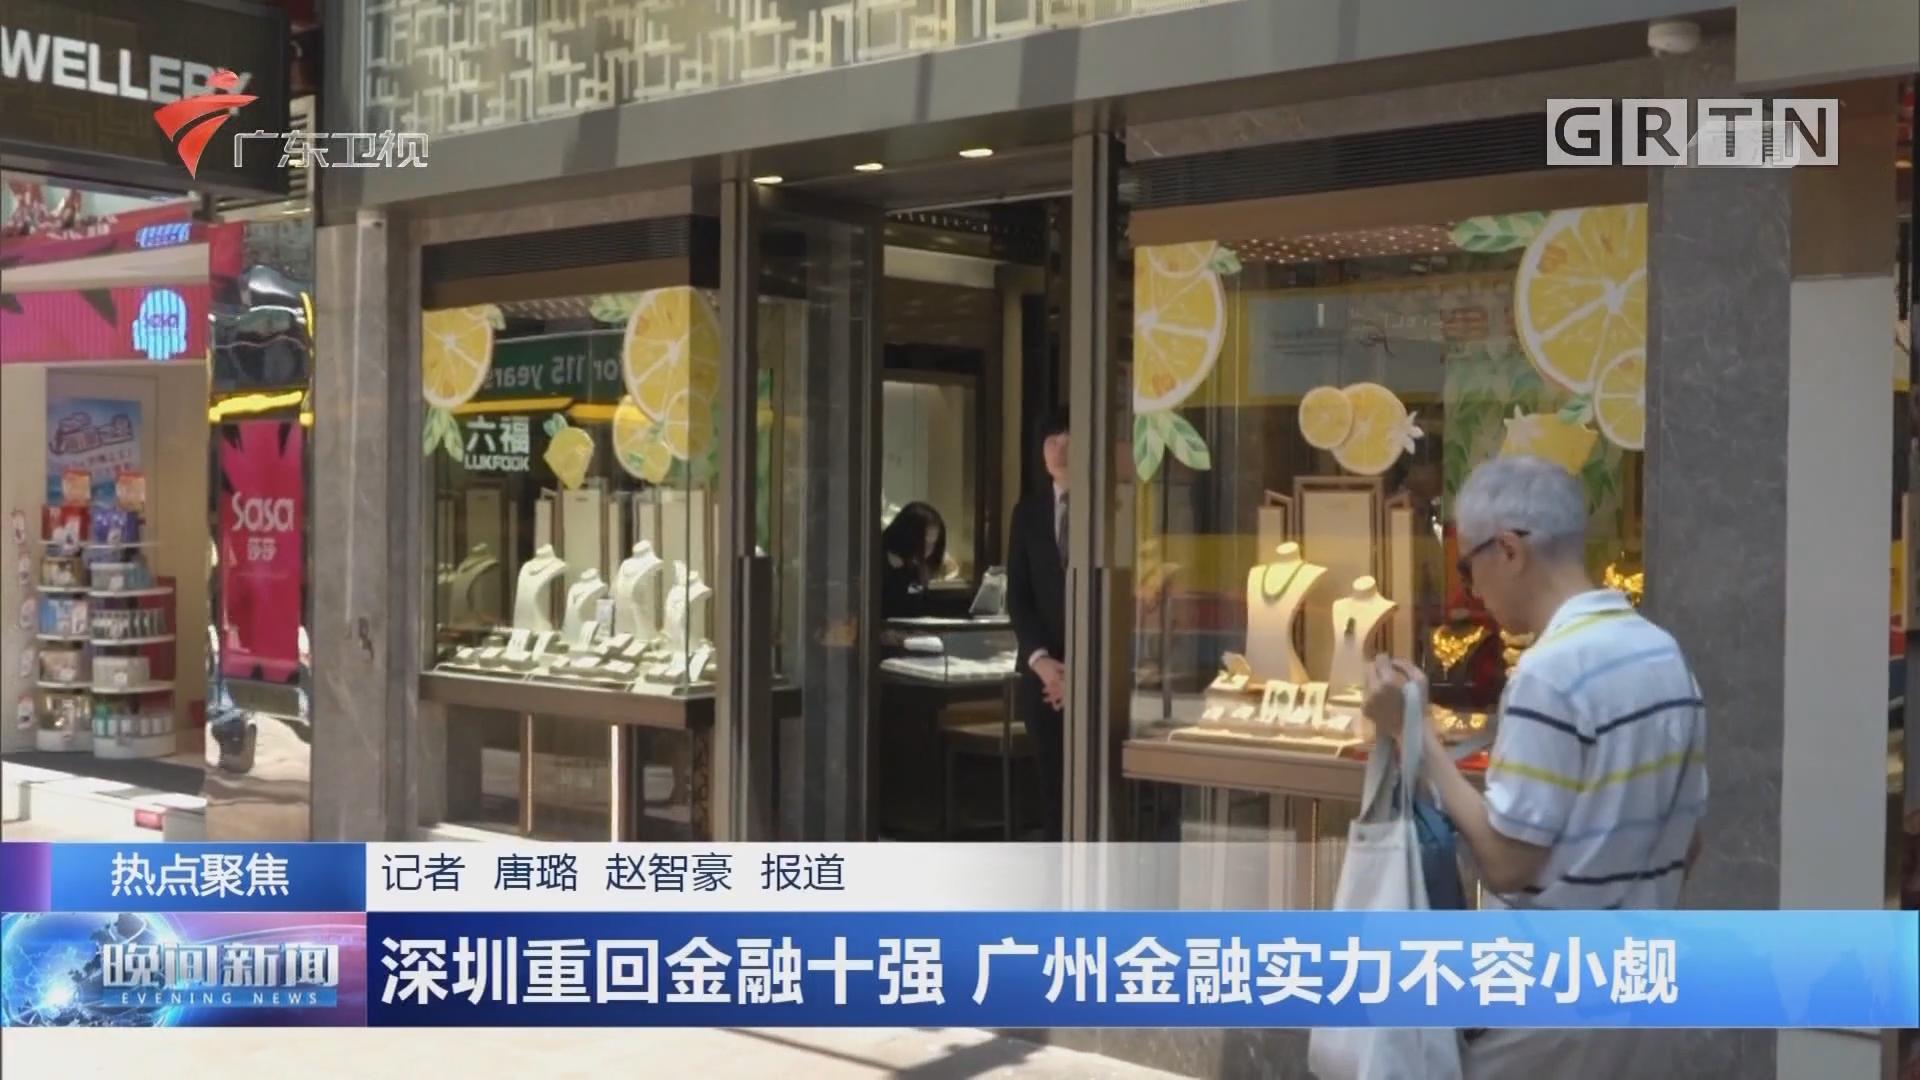 深圳重回金融十强 广州金融实力不容小觑